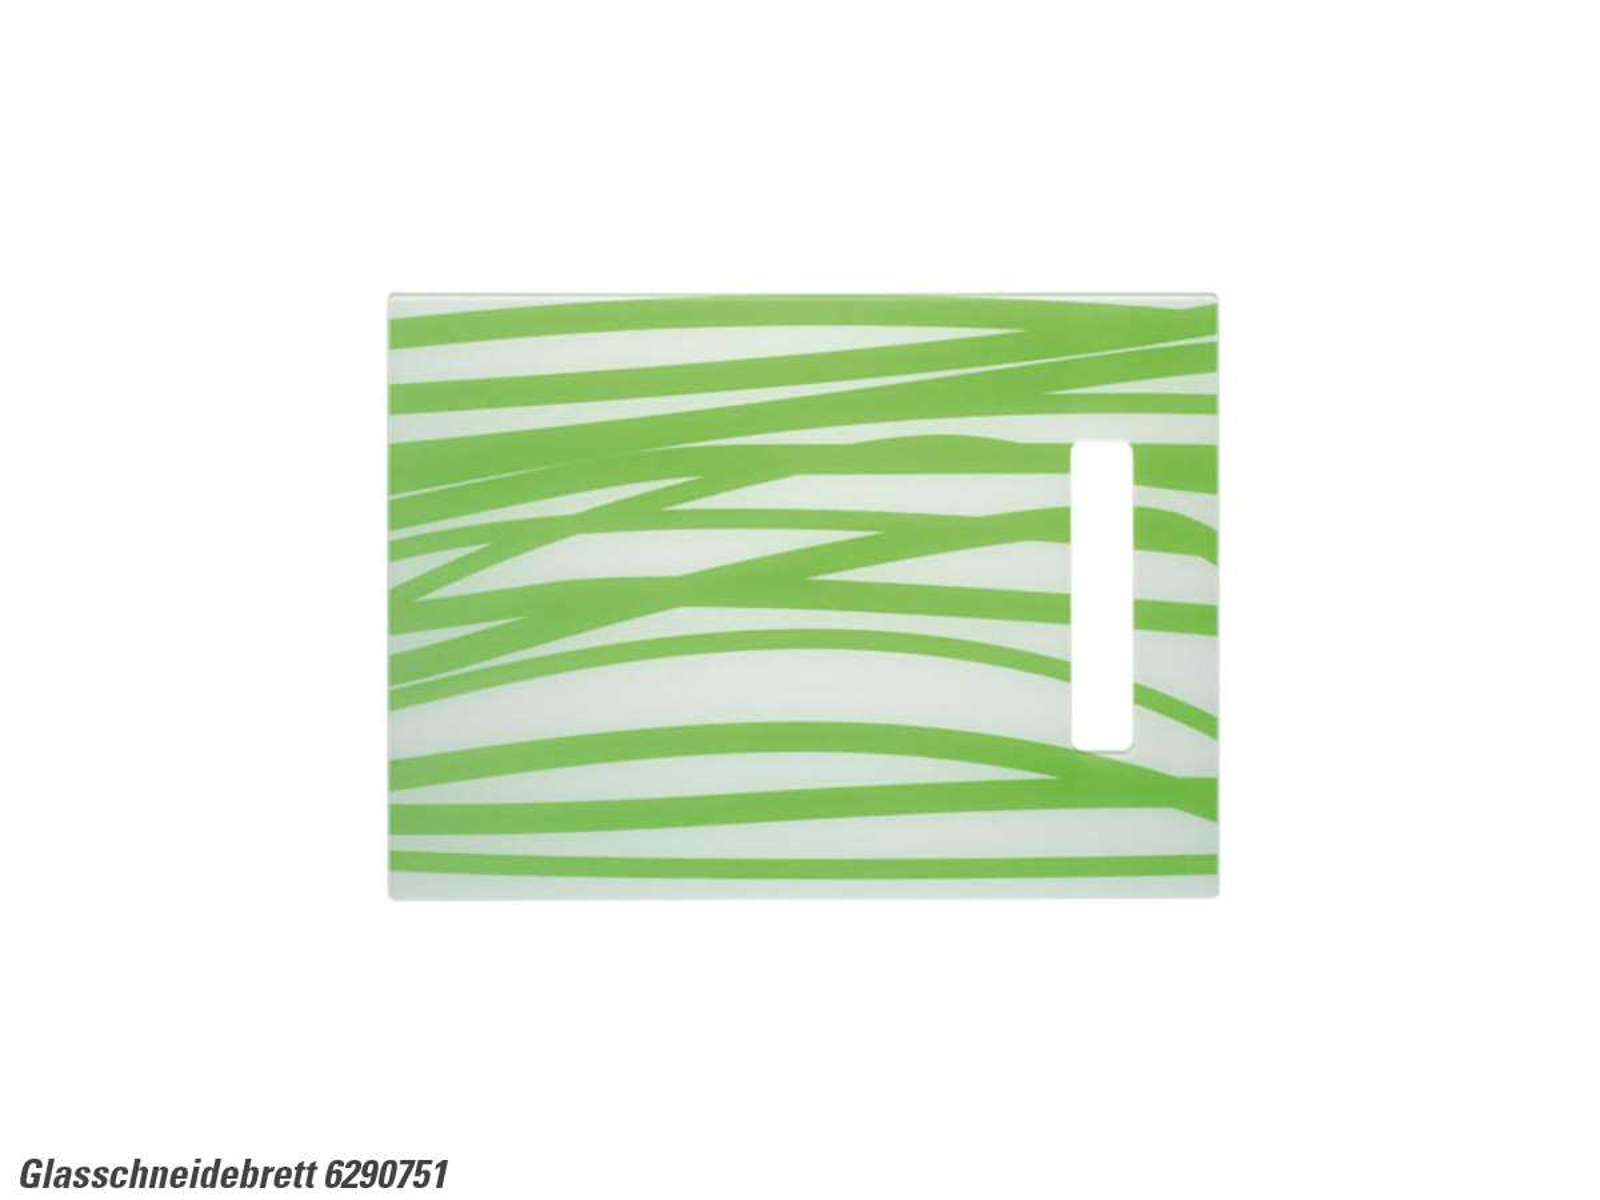 Schock 629075/1 Glasschneidebrett weiß-grün